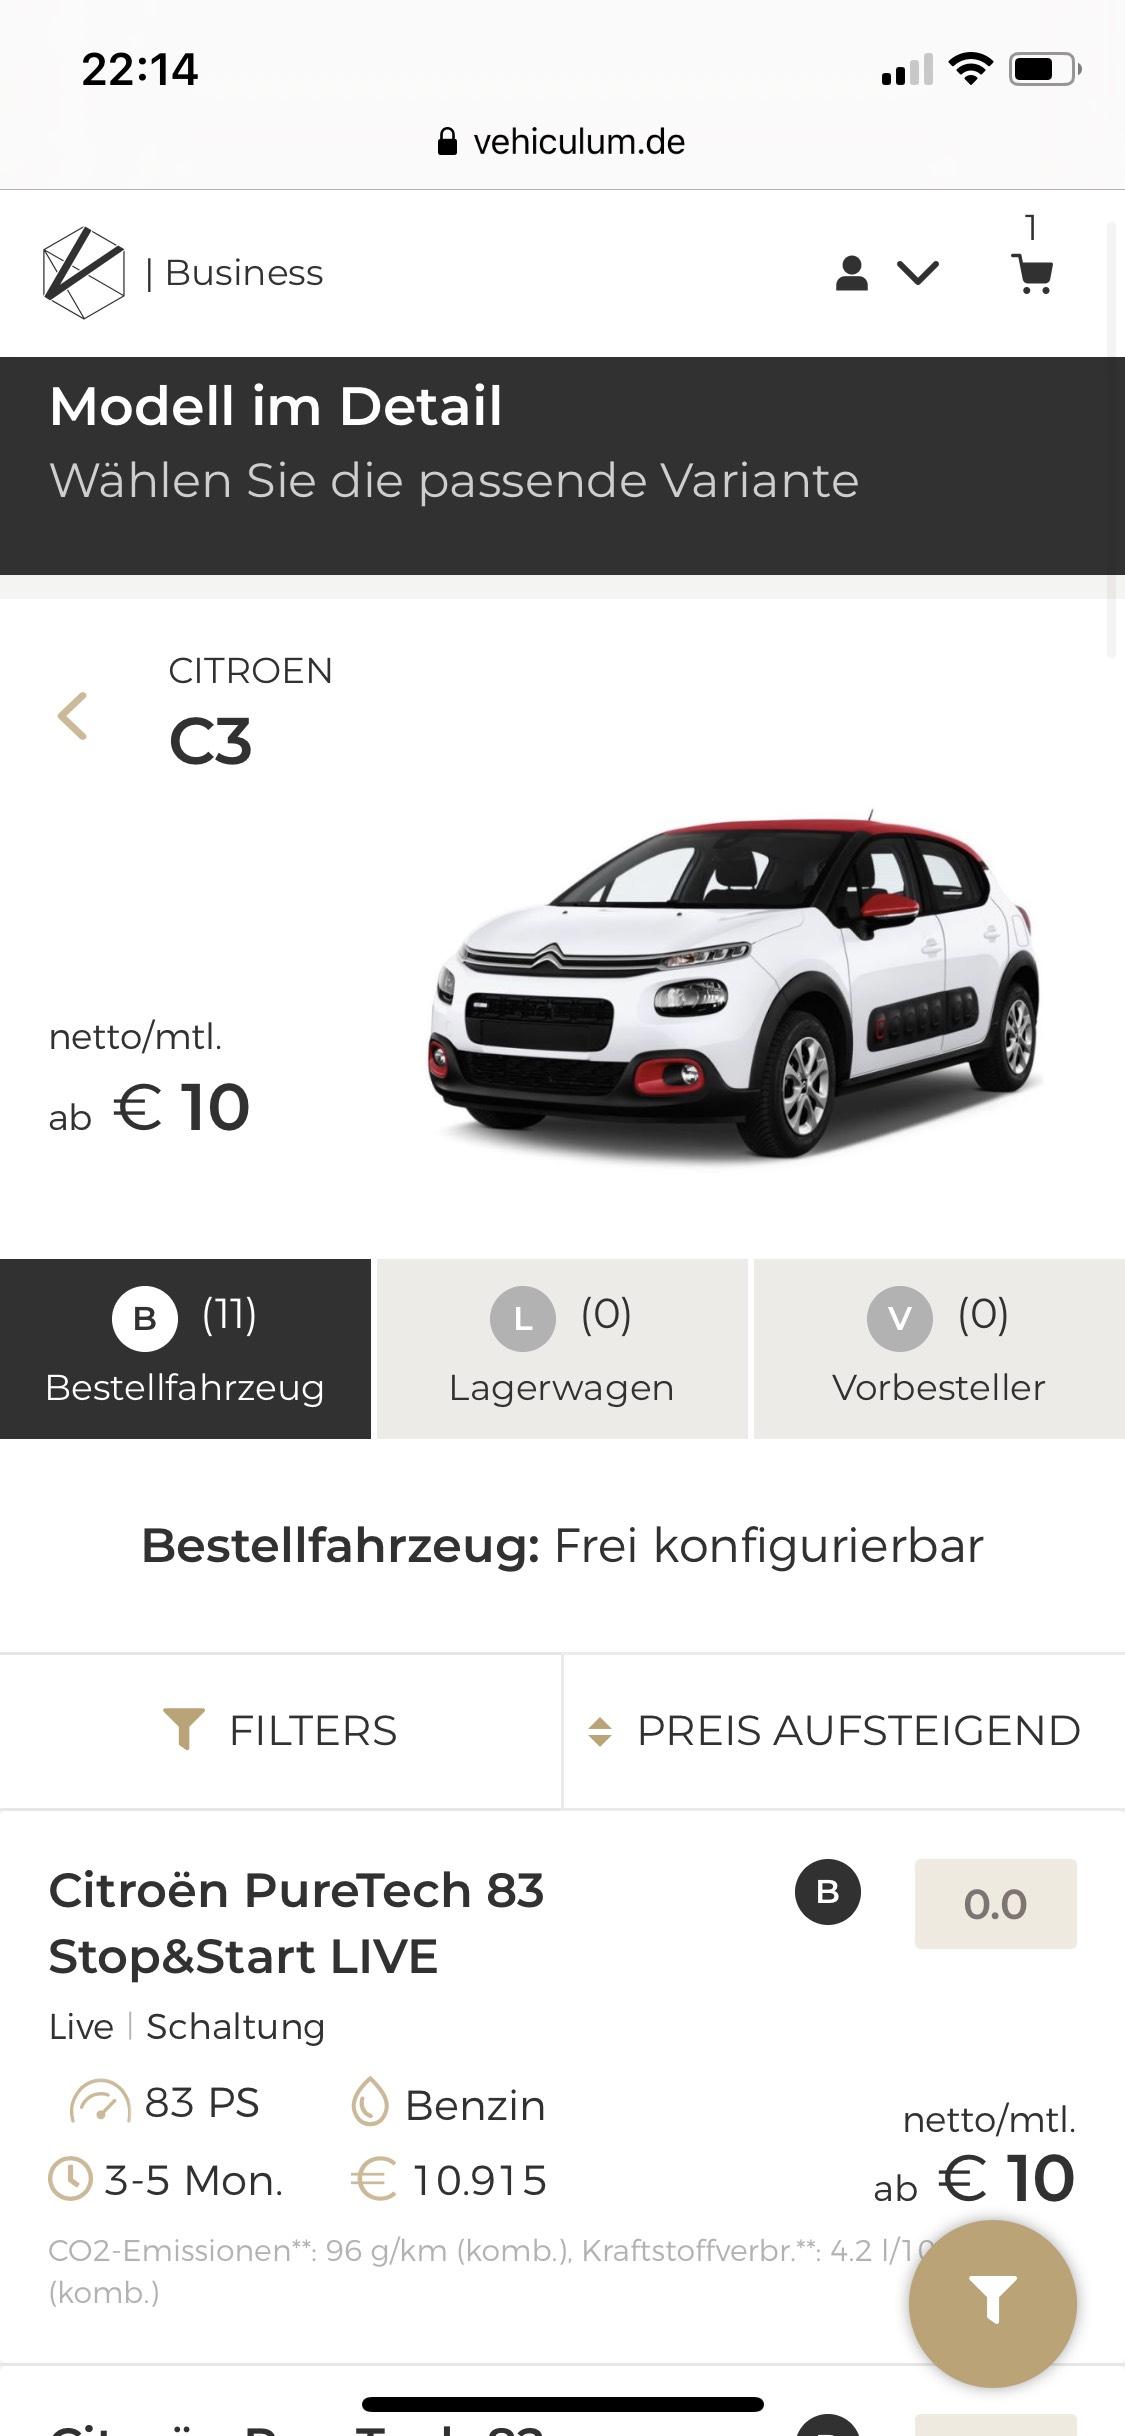 (Gewerbeleasing) Citroën C3